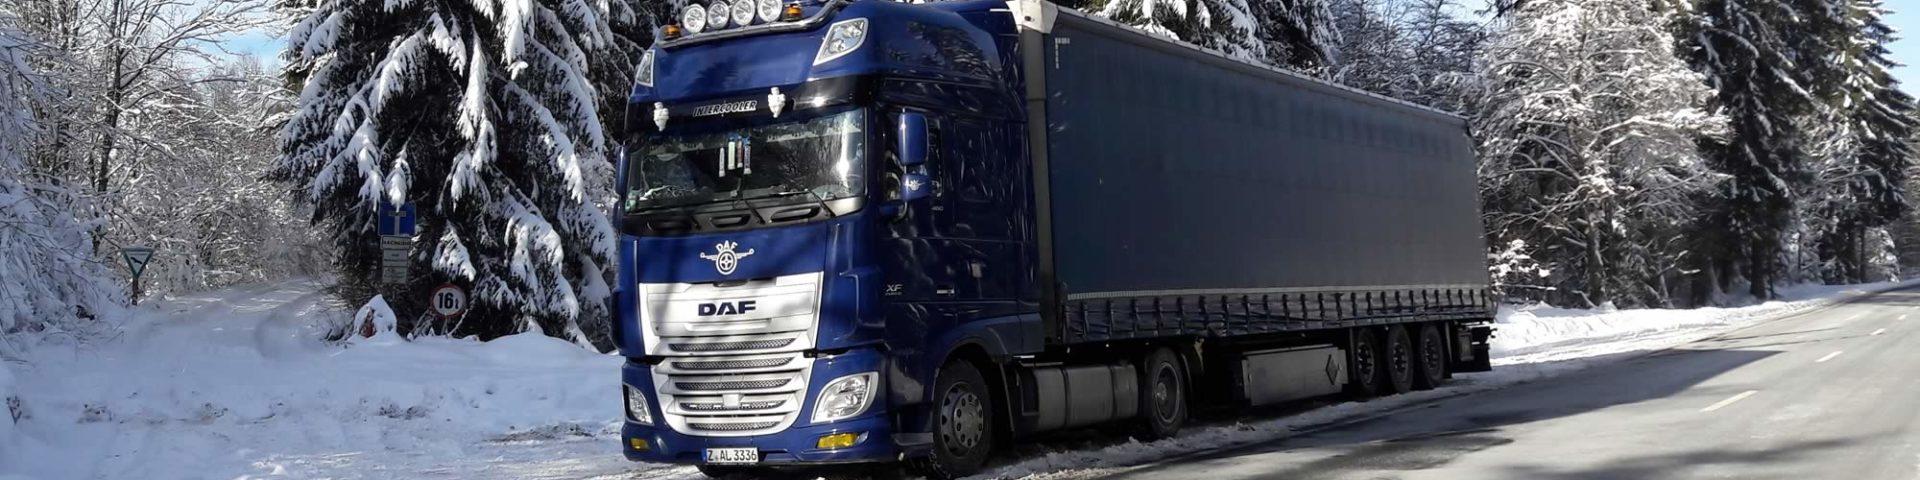 Unsere Trucks unterwegs